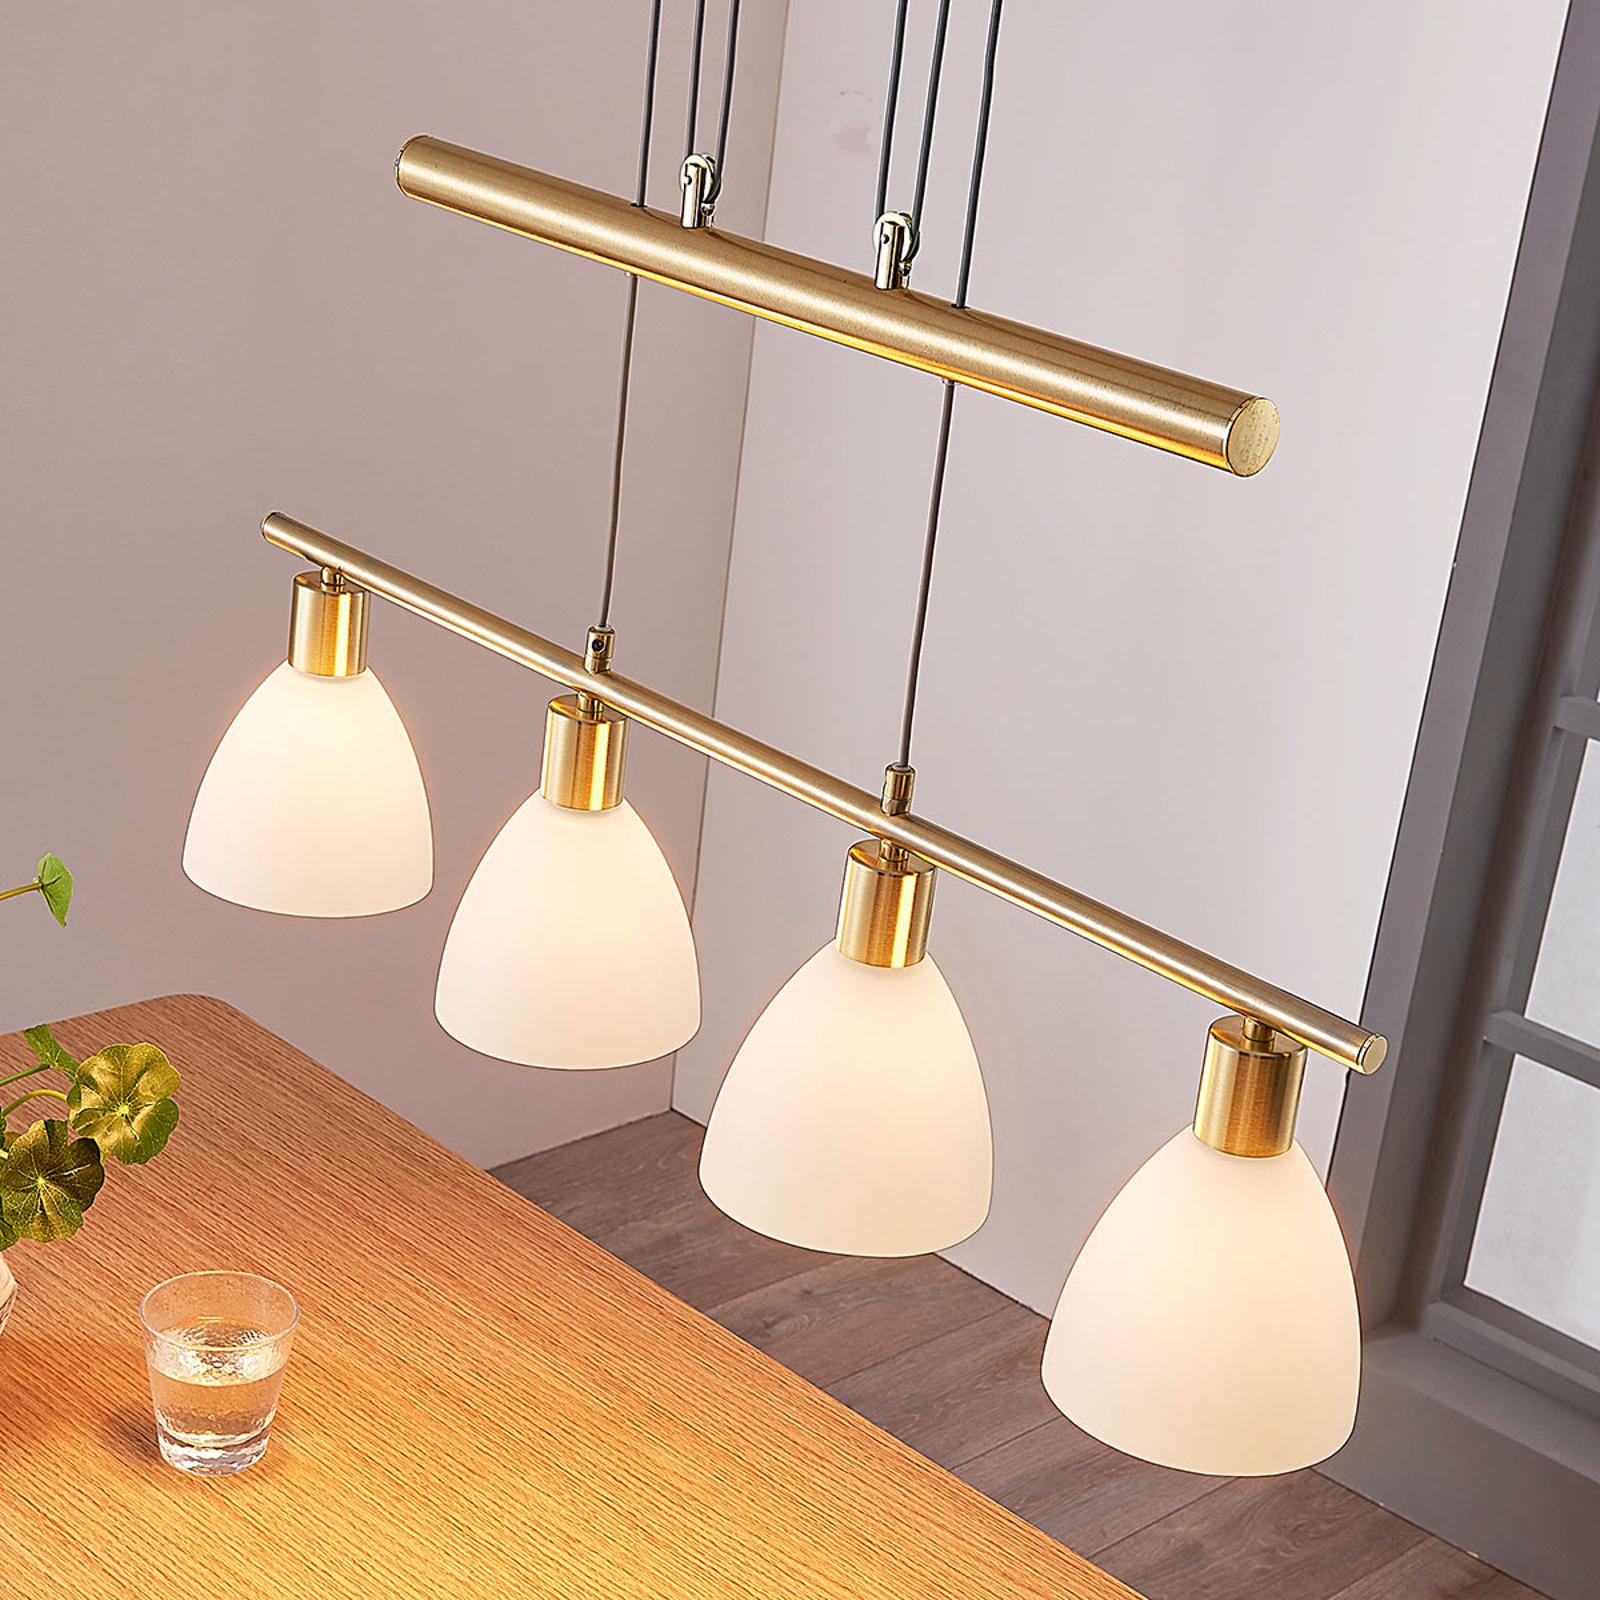 Lampa wisząca LED Simeon do jadalni